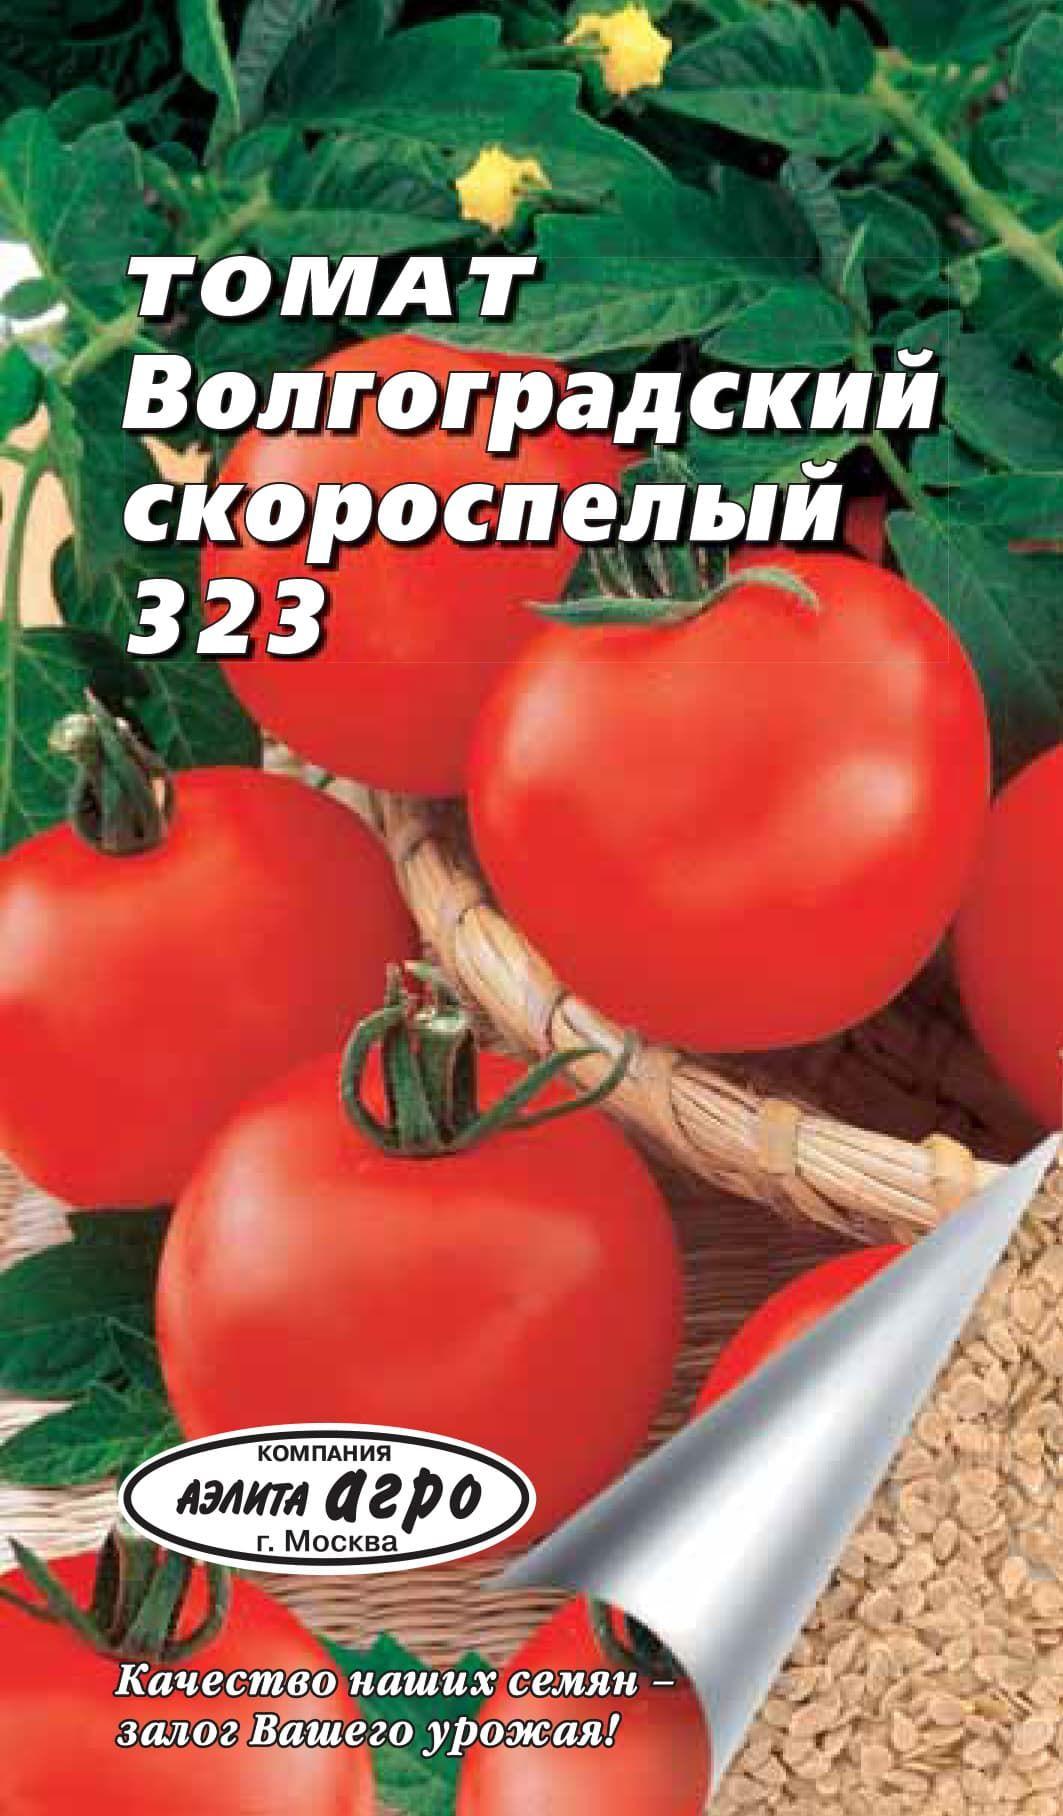 """Подборка томатов """"волгоградский скороспелый 323, 595"""" и розовый: отзывы, фото, урожайность"""